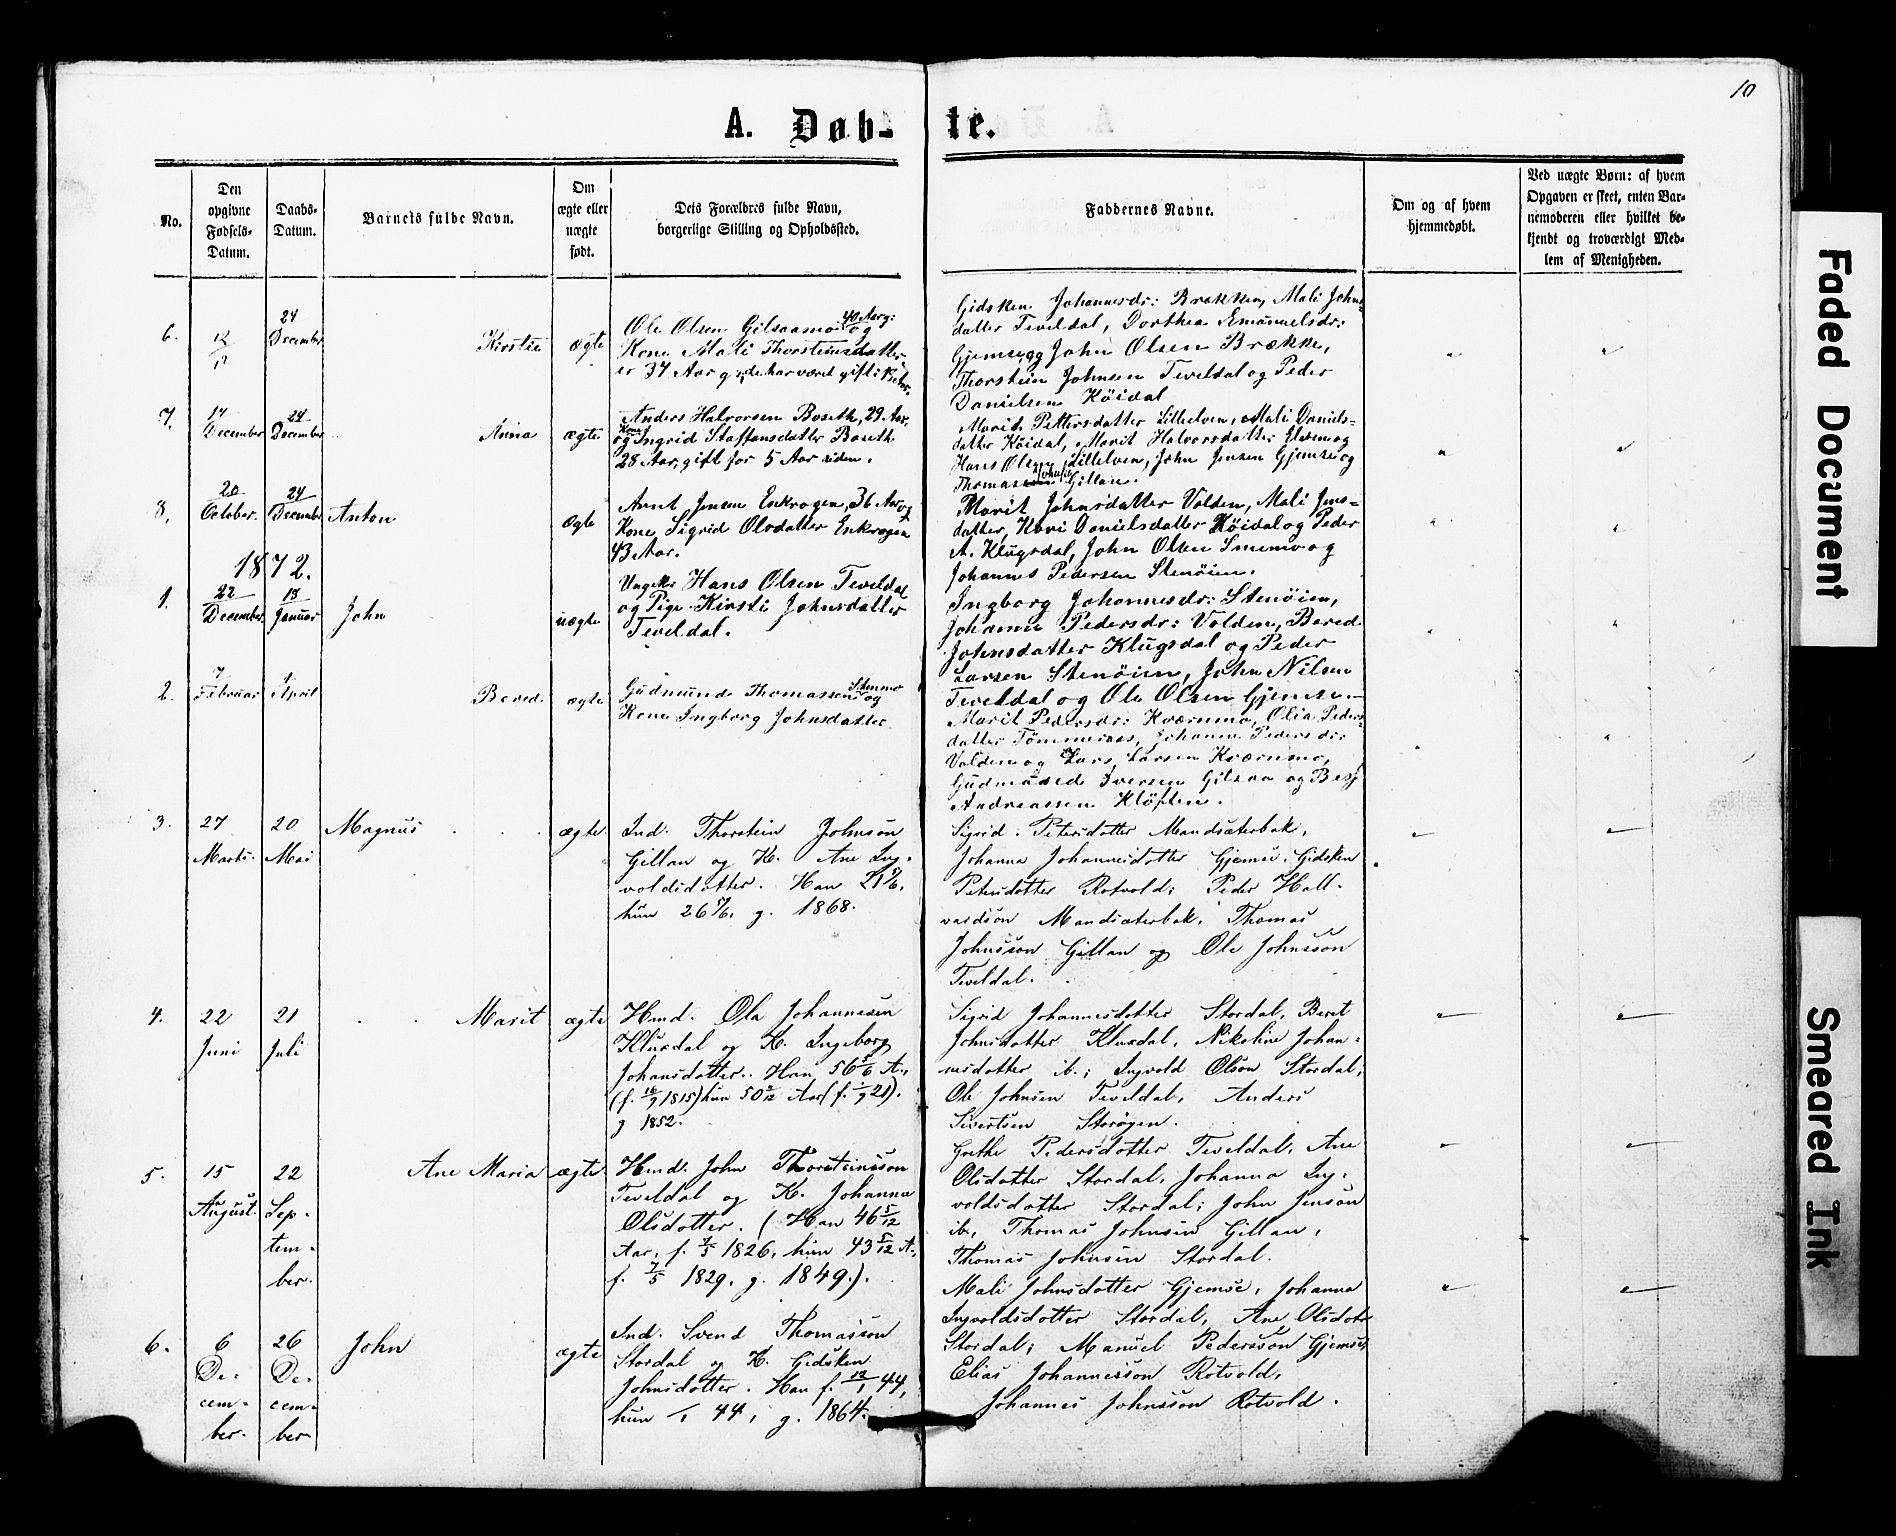 SAT, Ministerialprotokoller, klokkerbøker og fødselsregistre - Nord-Trøndelag, 707/L0052: Klokkerbok nr. 707C01, 1864-1897, s. 10